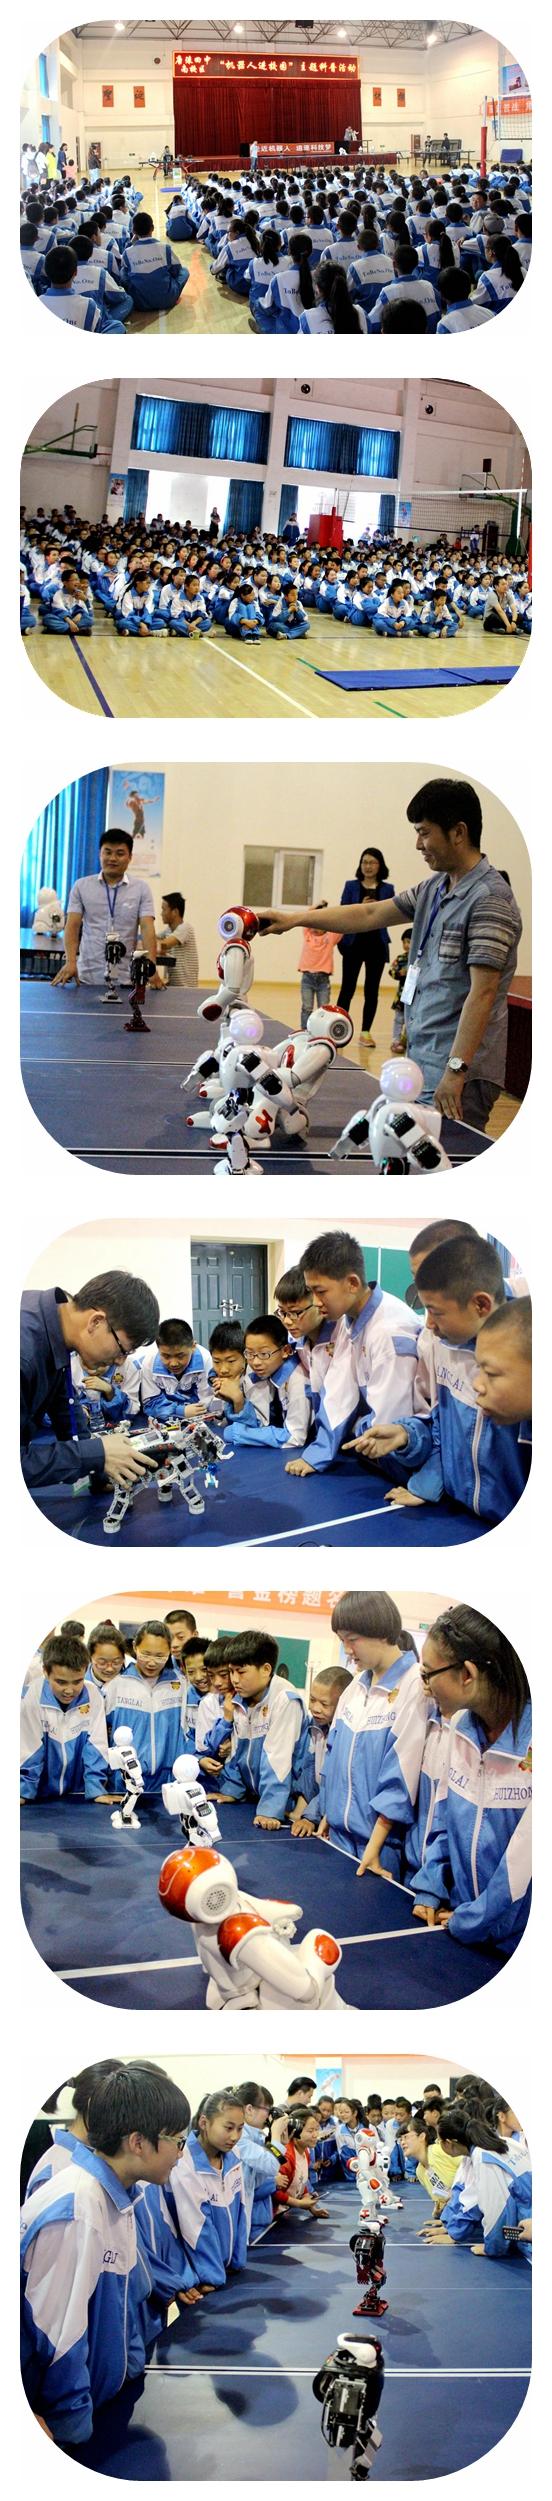 唱歌、跳舞、聊天、行走 当各种造型的机器人一一在面前呈现出多种姿势时,孩子们的兴奋之情再也掩饰不住了! 为丰富校园文化生活、创新校园科普教育的形式,唐徕回中南校区于5月12日下午,邀请布里茨机器人团队来校,现场开展机器人功能的演示活动。 乖巧可爱的机器人小布登场啦! 机器人用清晰的普通话邀请老师讲话,体育馆里的五百多名学生一下子就兴奋了起来,科技的魅力在此刻完美的得到了展示。 在随后的环节中,各种造型、功能的机器人一一登场,真正的额各显神通,着实让在场的学生激动不已。 待功能一一介绍完毕